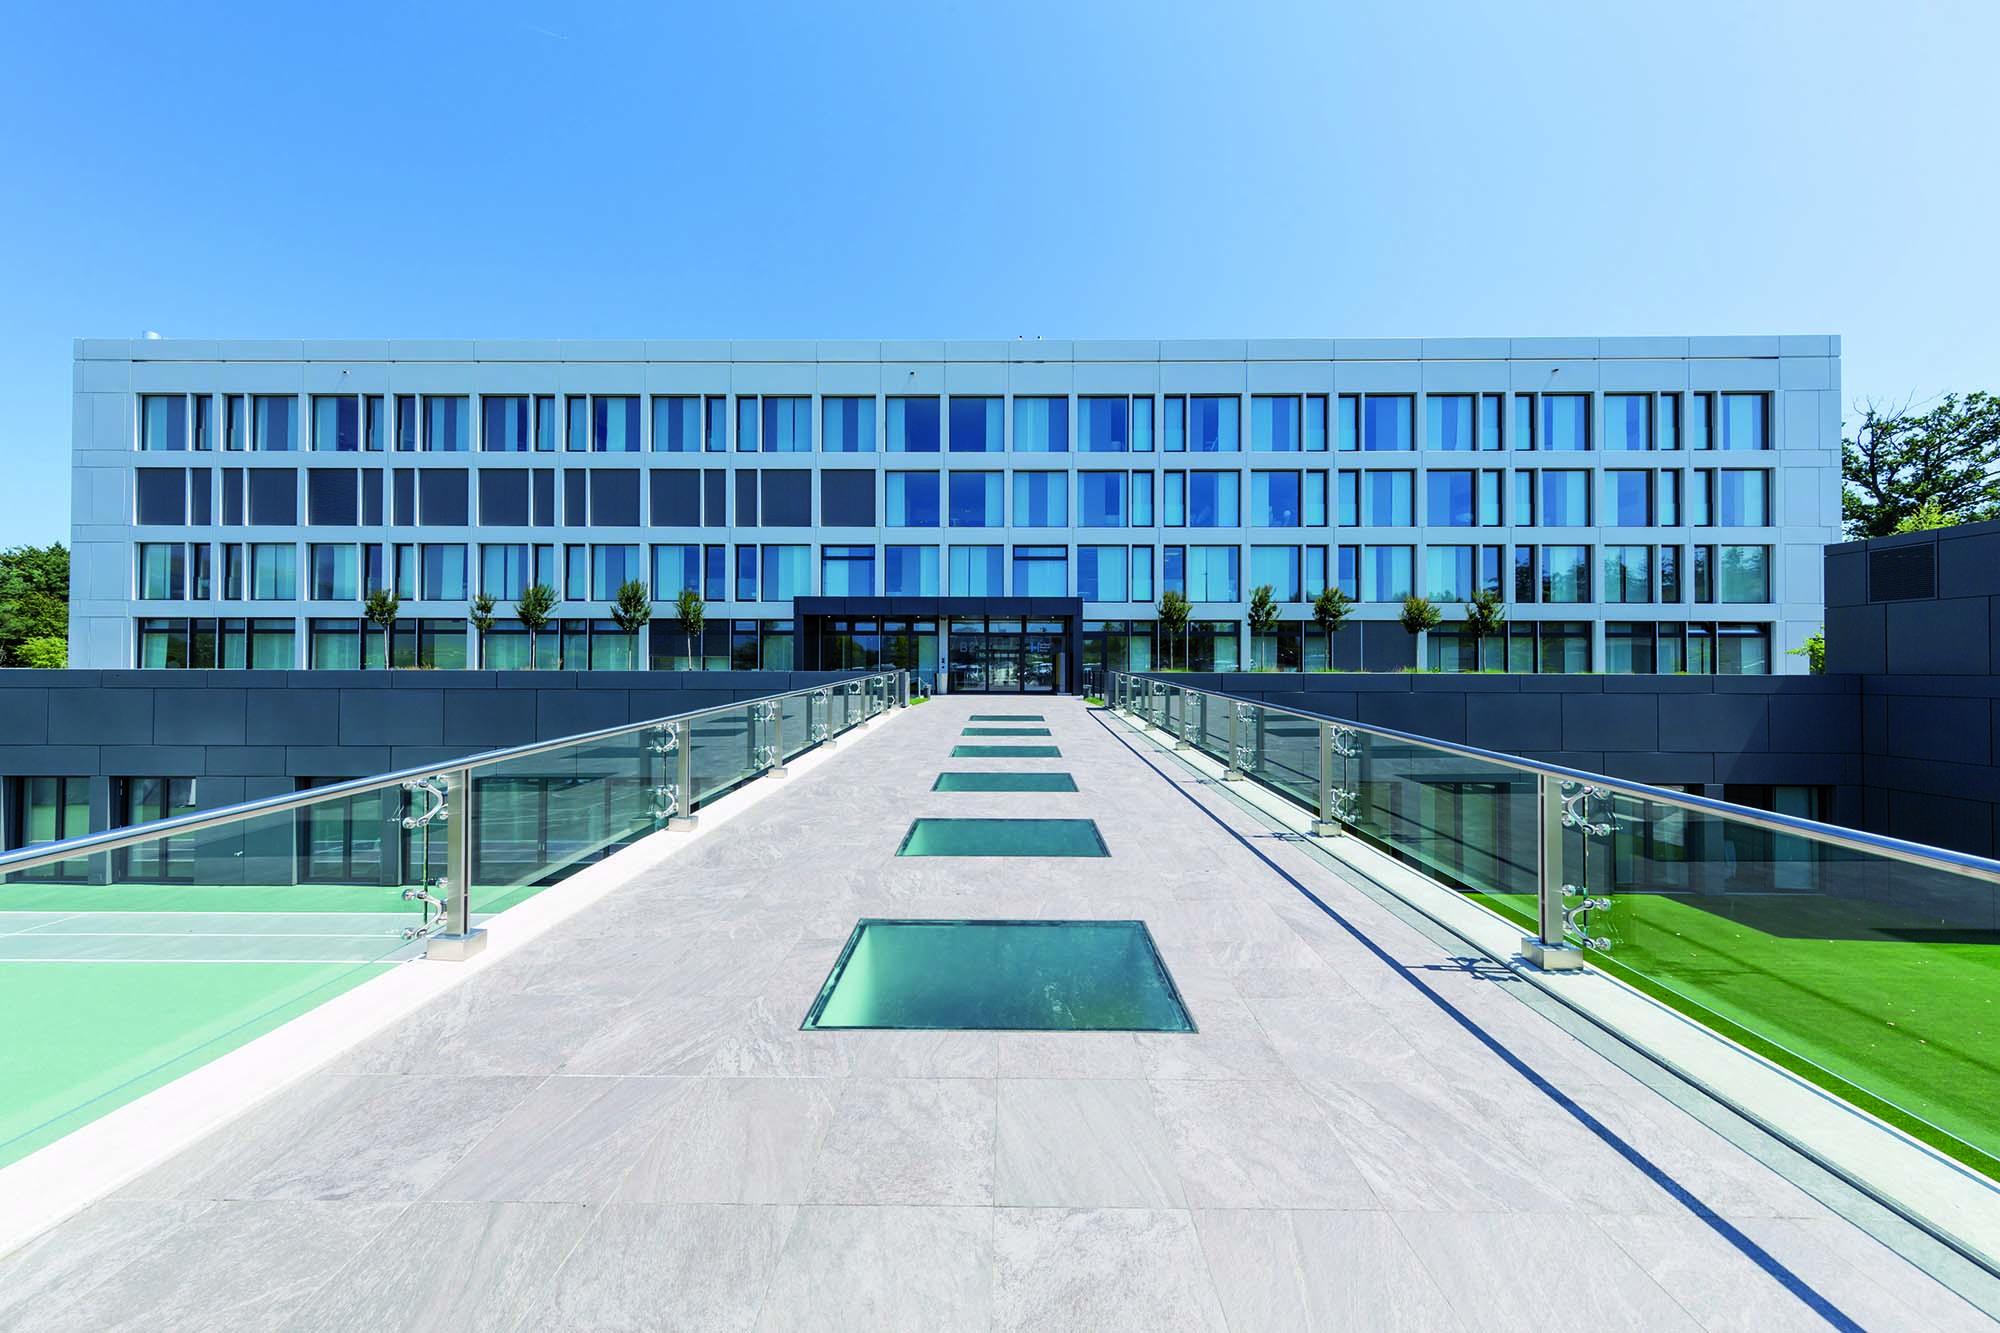 Ospedale de la Tour - Meyrin - Cantone di Ginevra in Svizzera